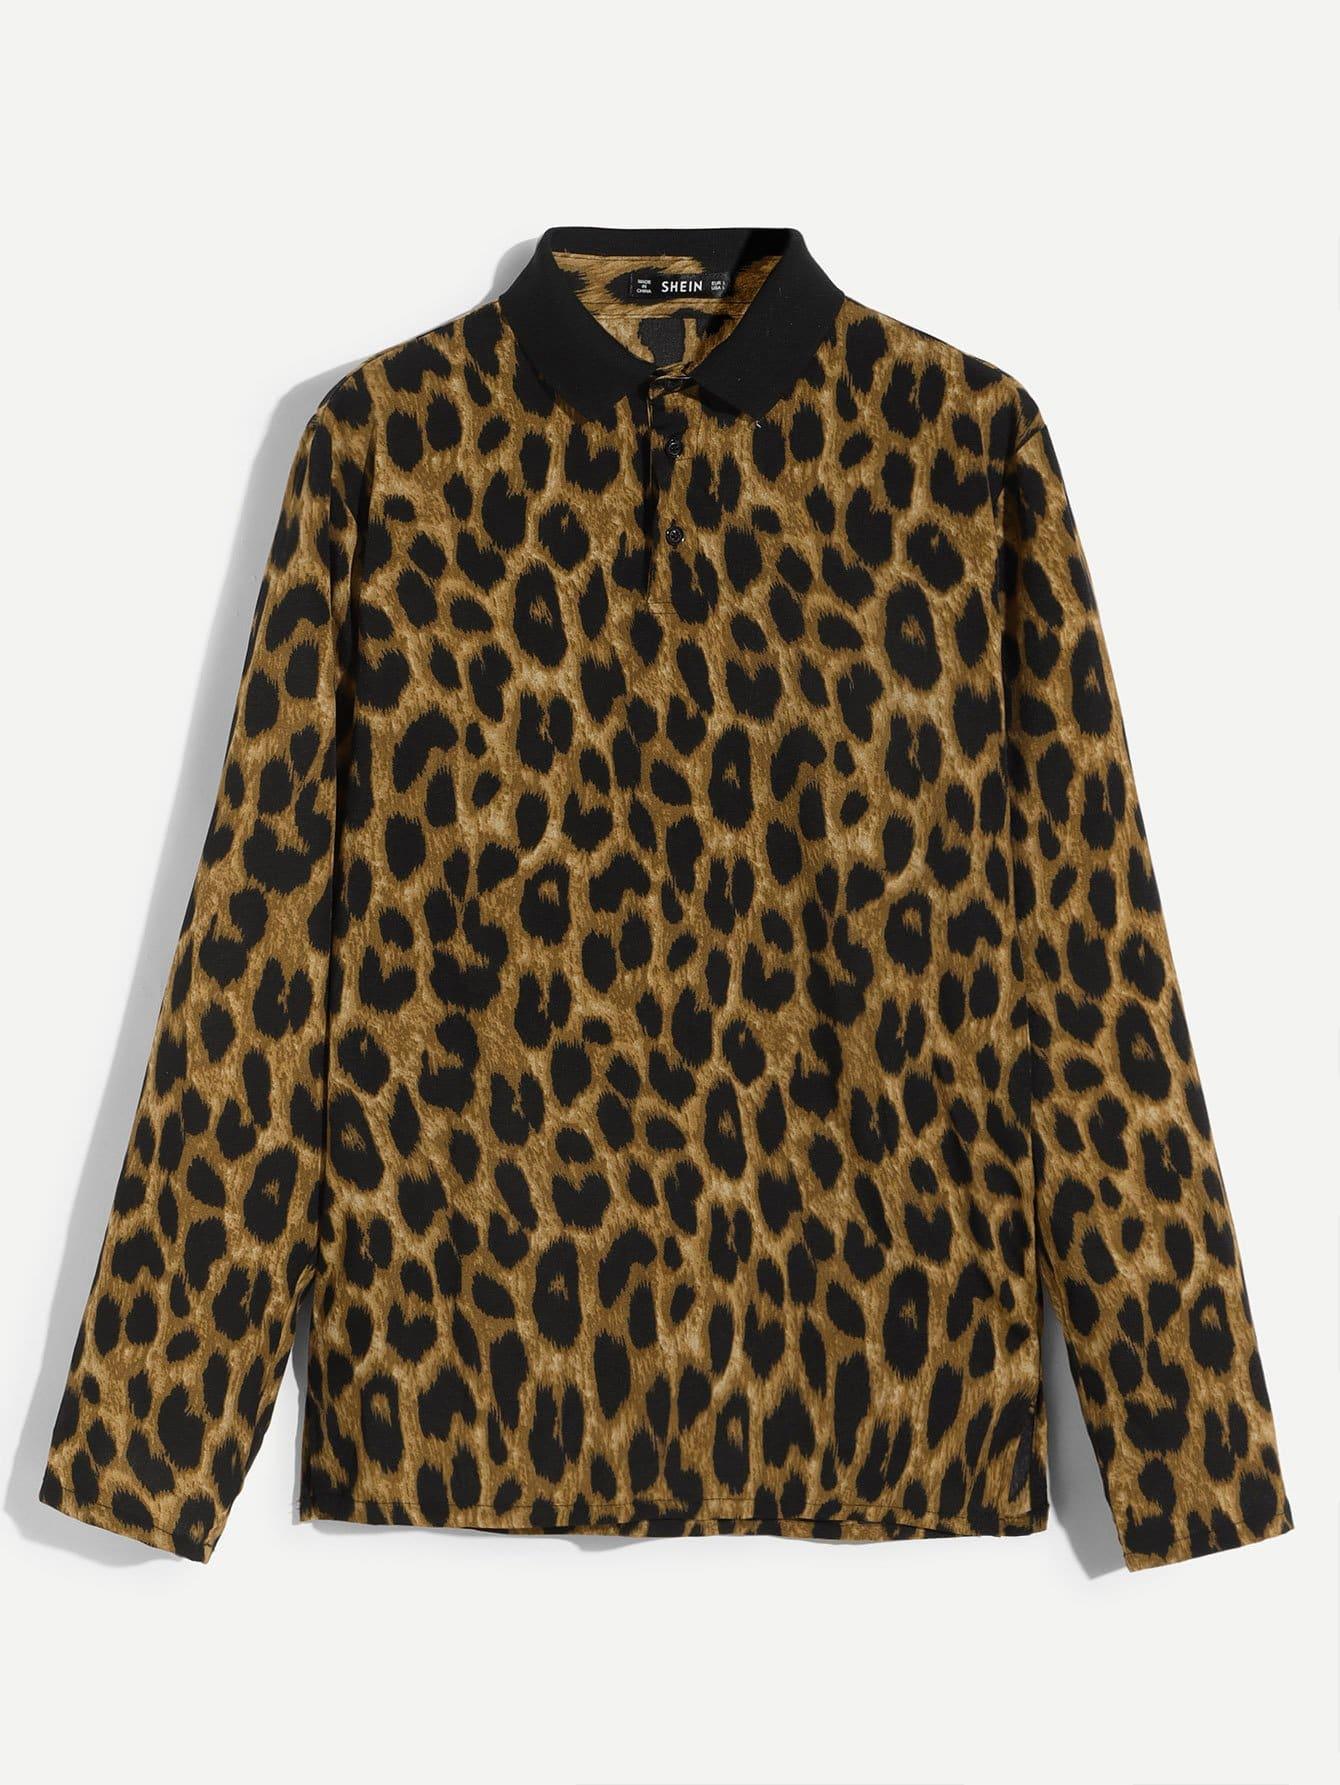 Купить Мужская леопардовая поло рубашка с пуговицами, null, SheIn